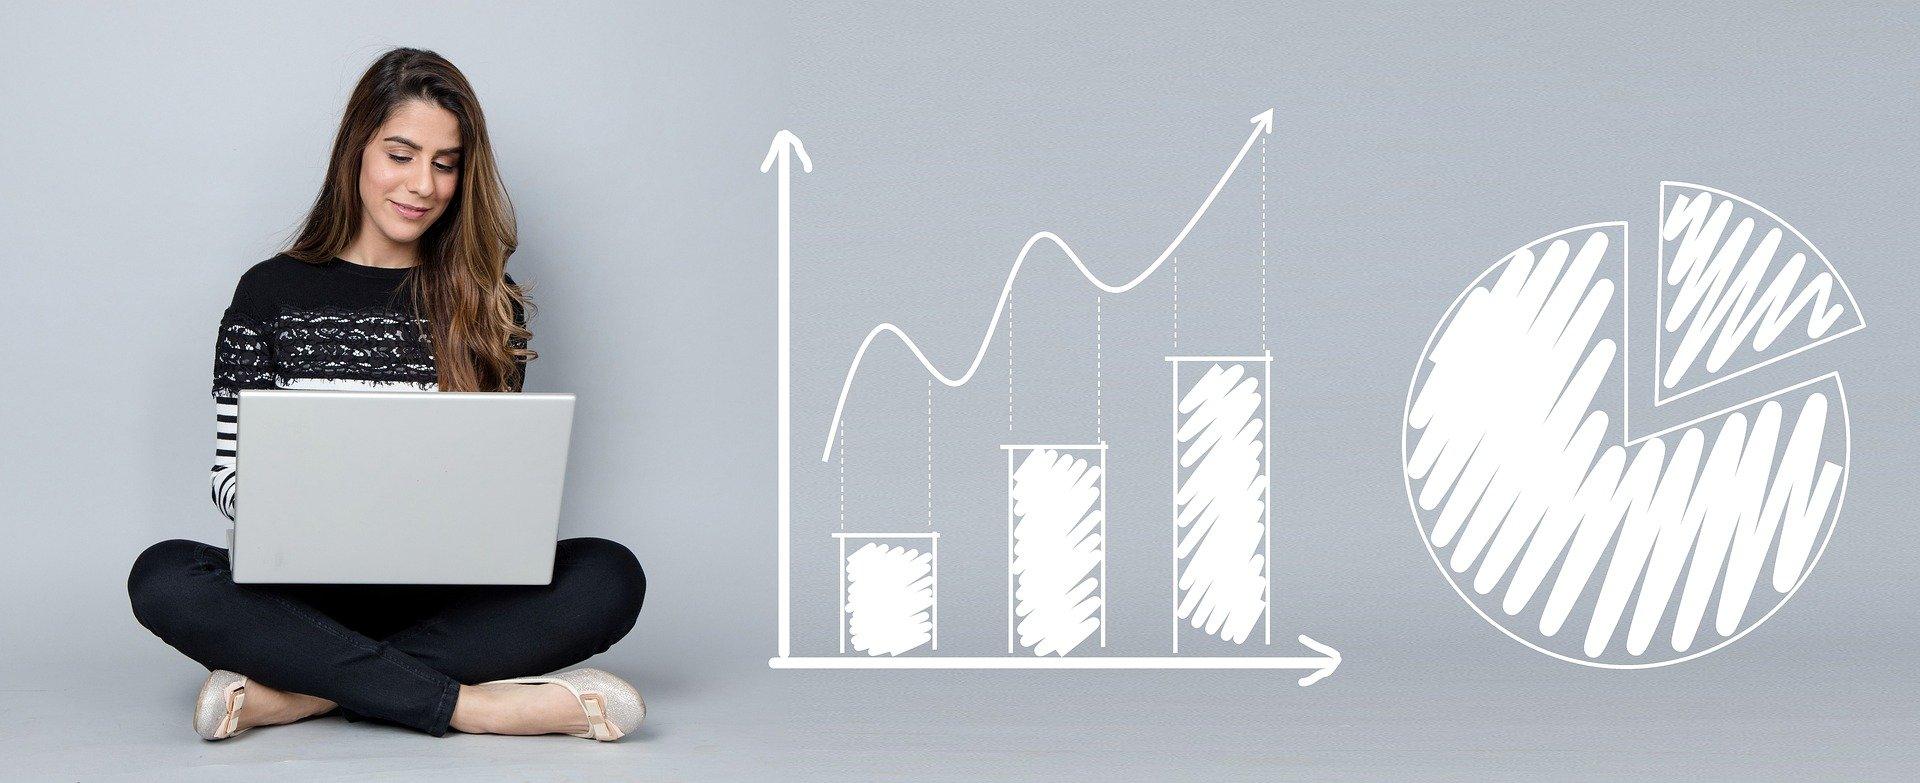 Inversión Inteligente en mercados financieros